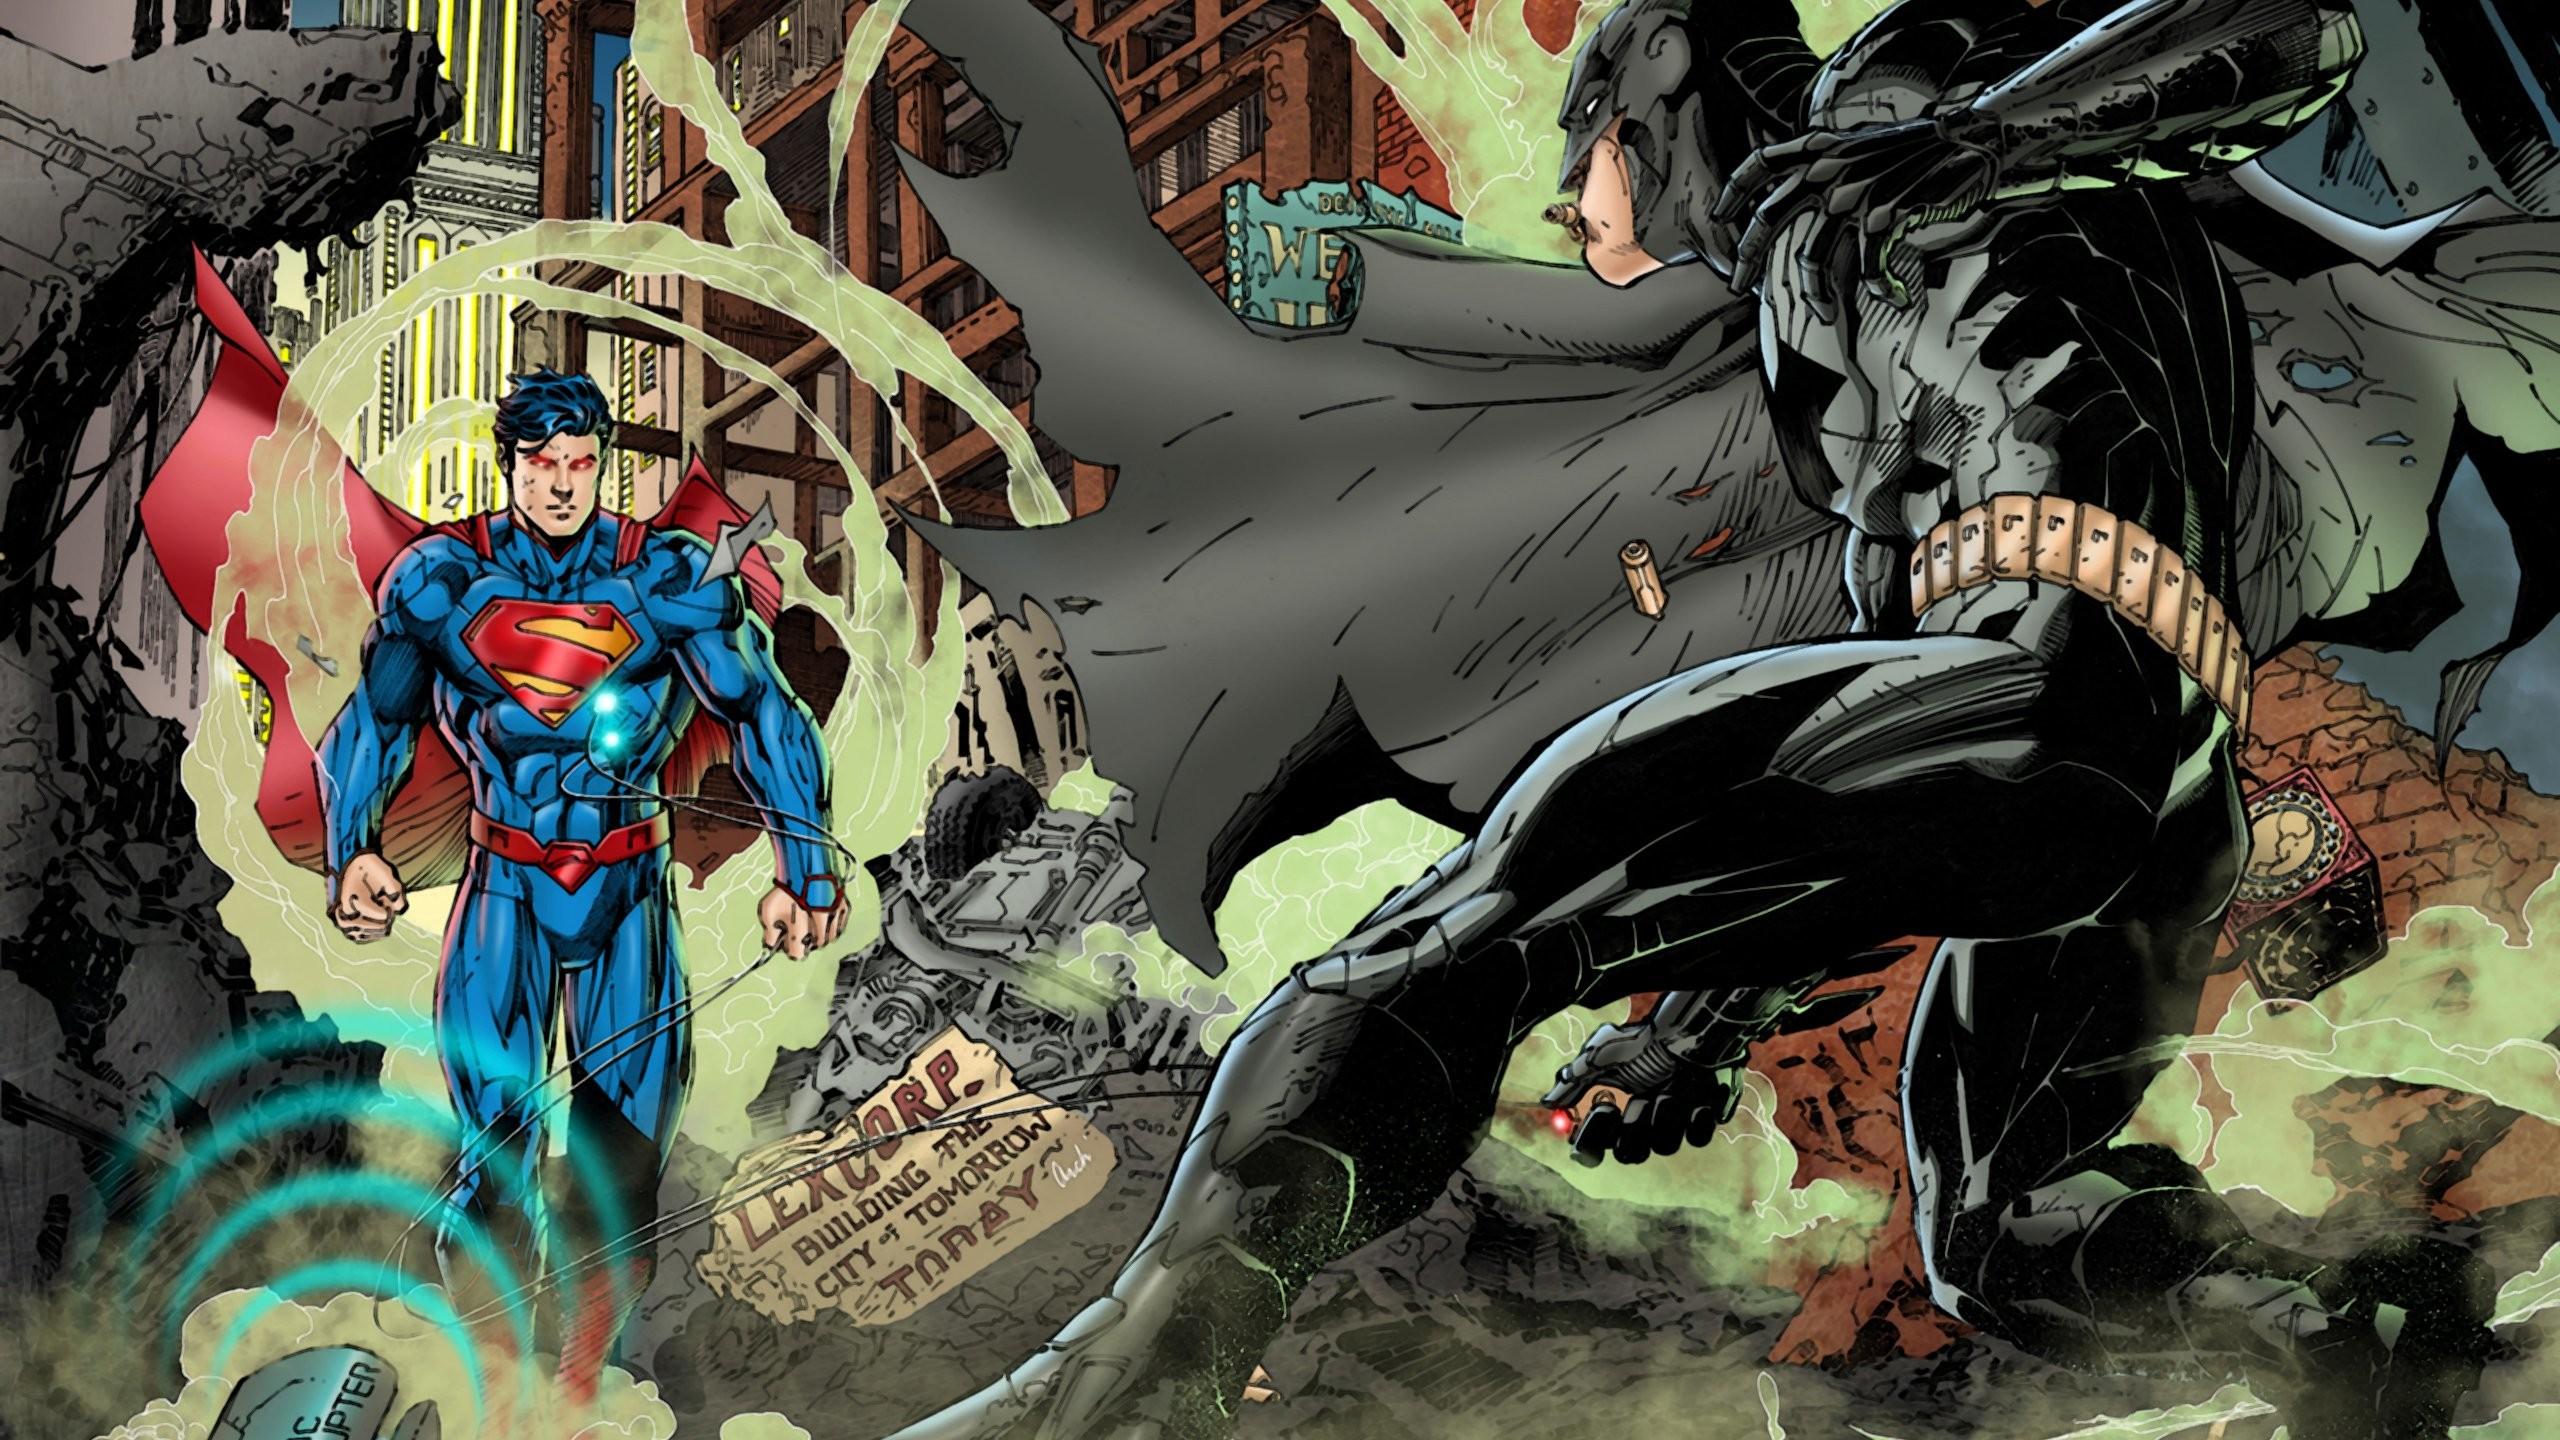 Batman Vs Superman wallpaper     404529   WallpaperUP